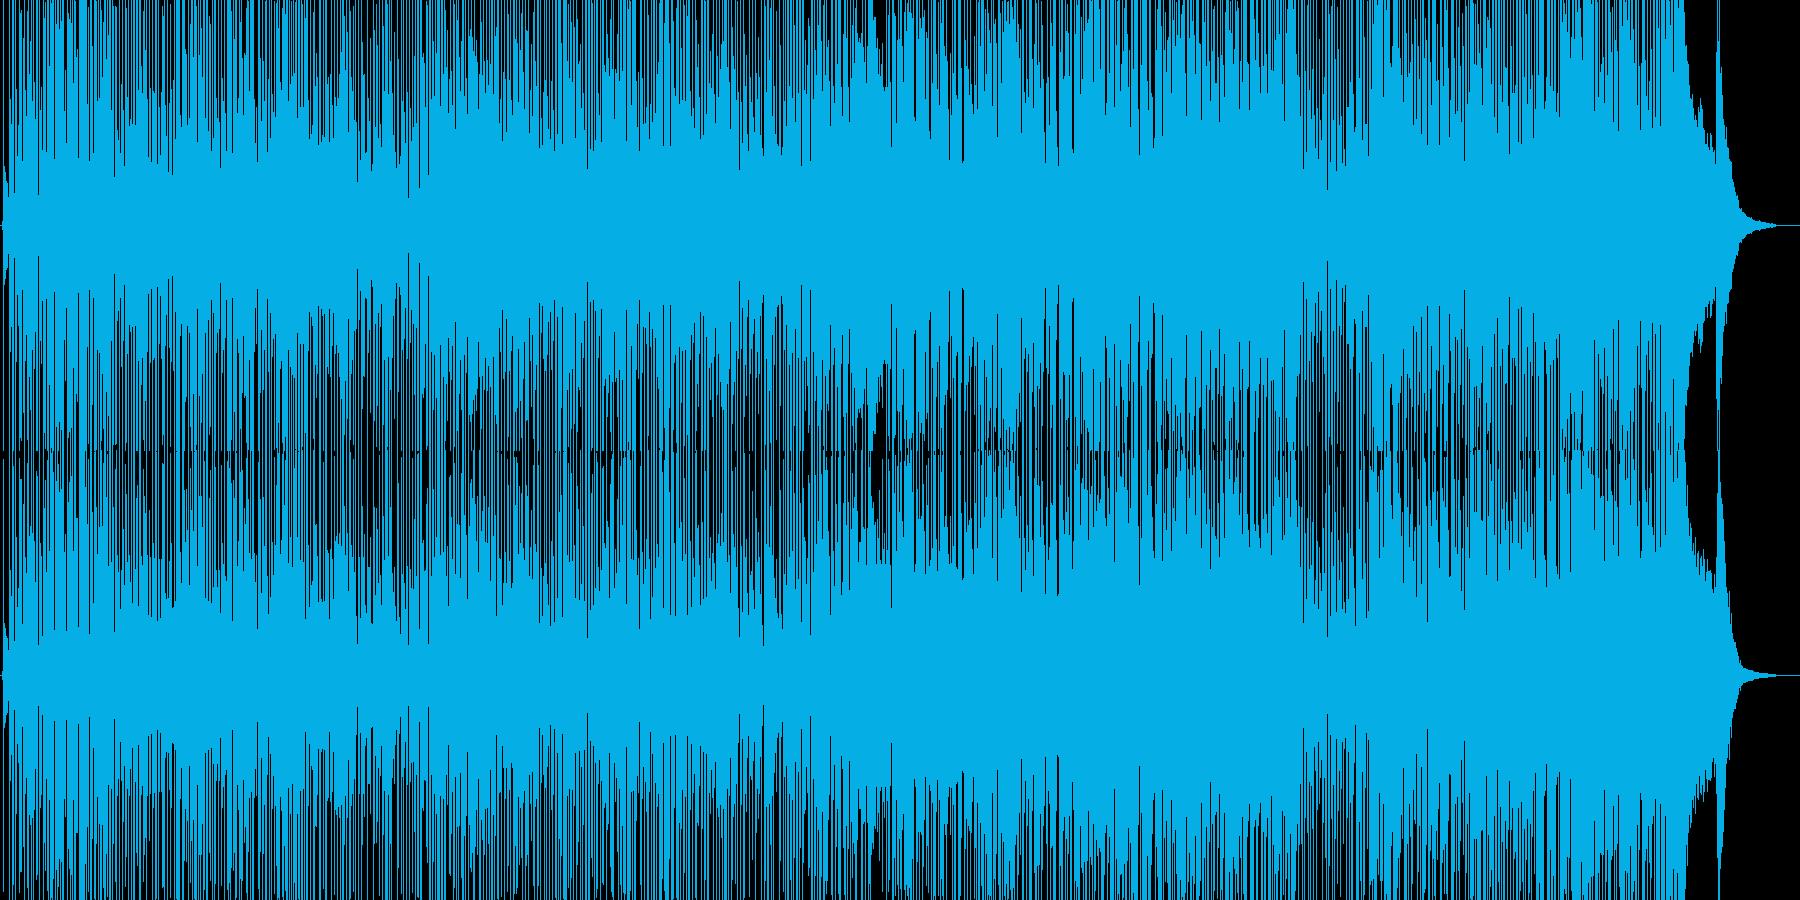 グルーヴ感たっぷりのインストの再生済みの波形